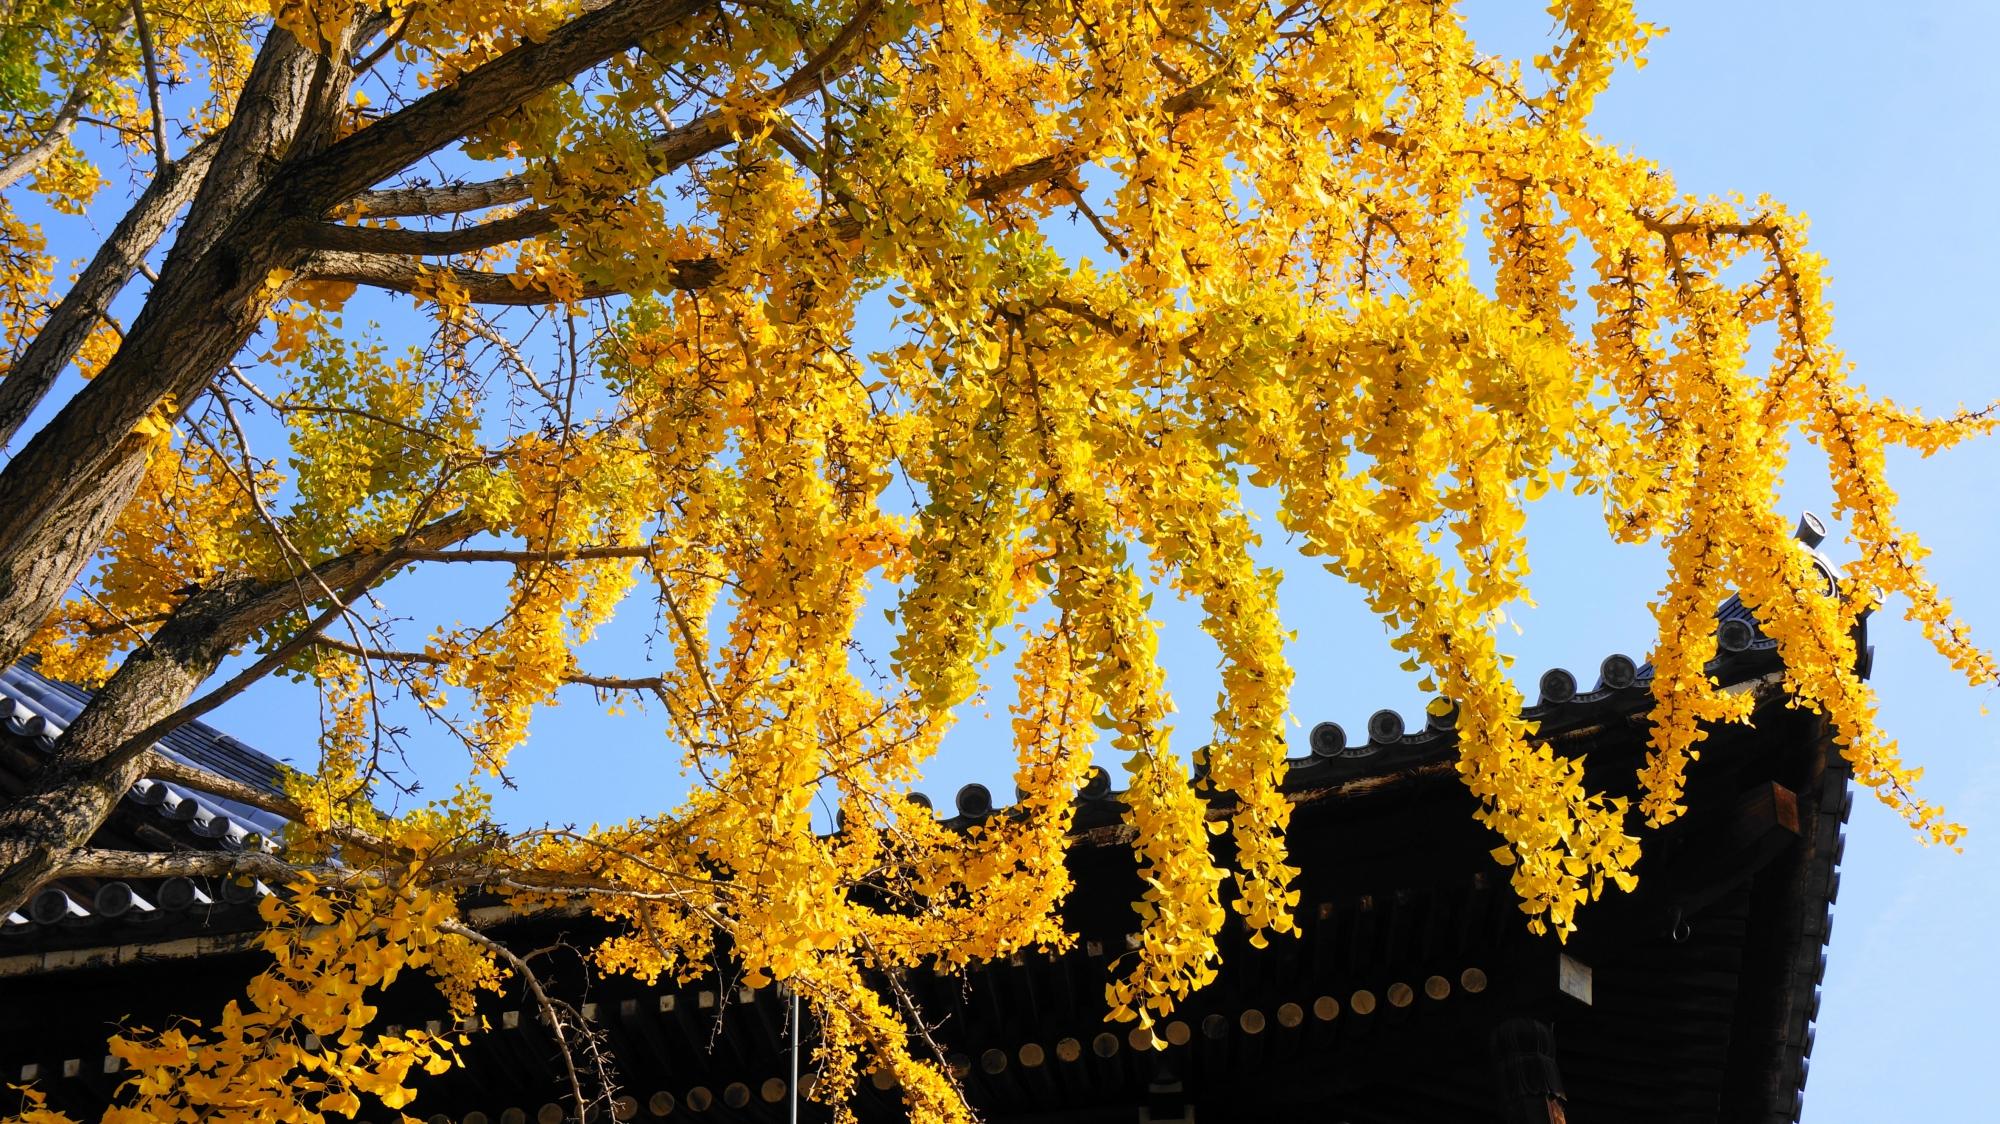 枝垂れの見事な黄色い銀杏